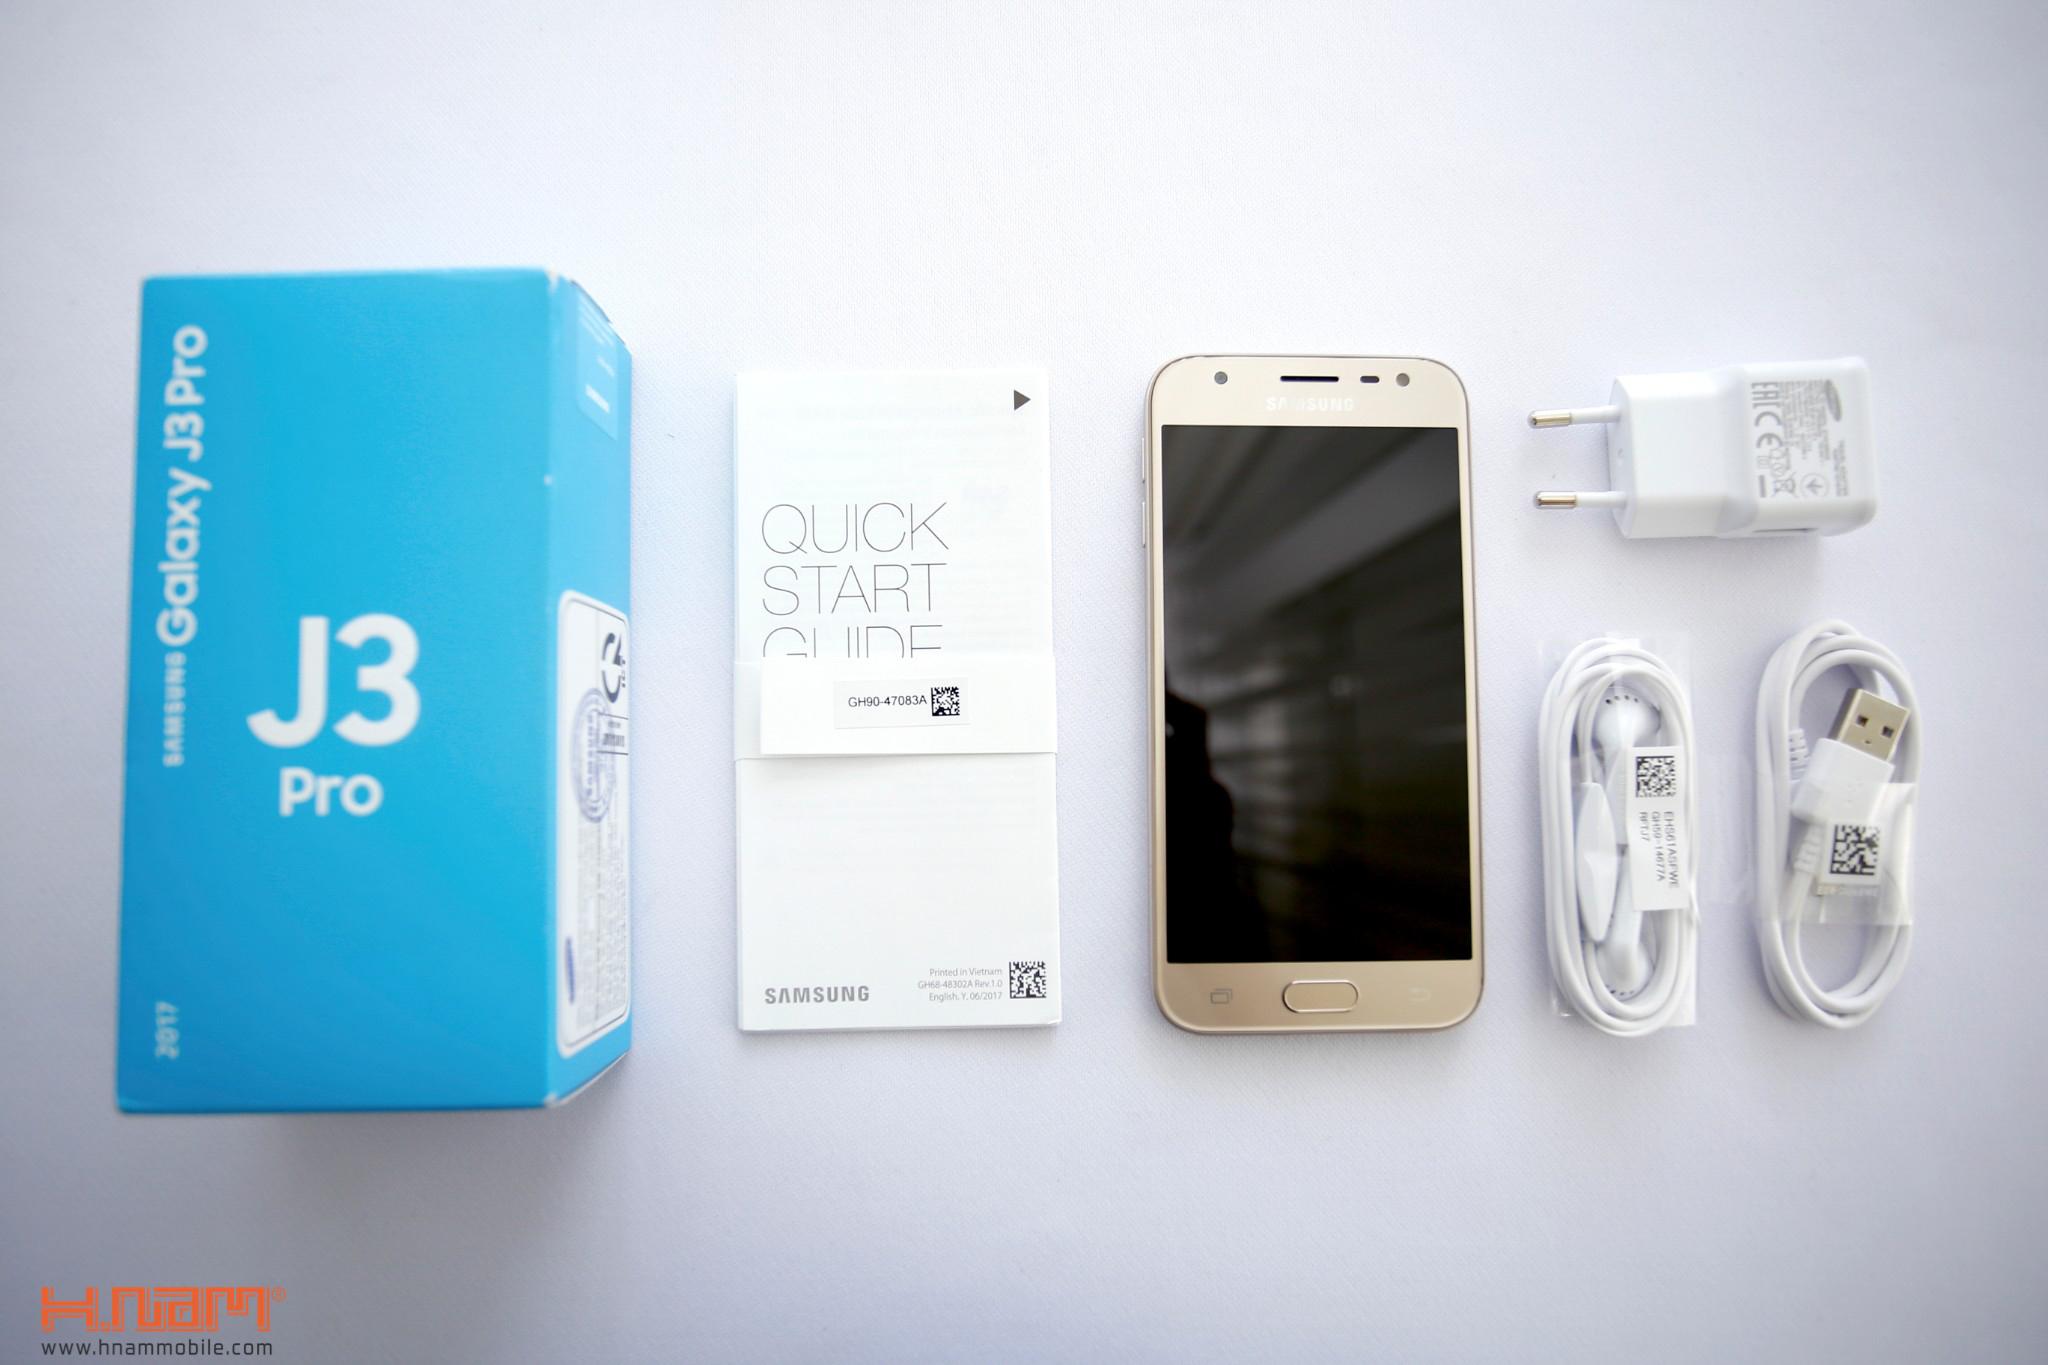 Đập hộp Samsung Galaxy J3 Pro: giá hơn 4 triệu đồng, camera F/1.9 hình 2